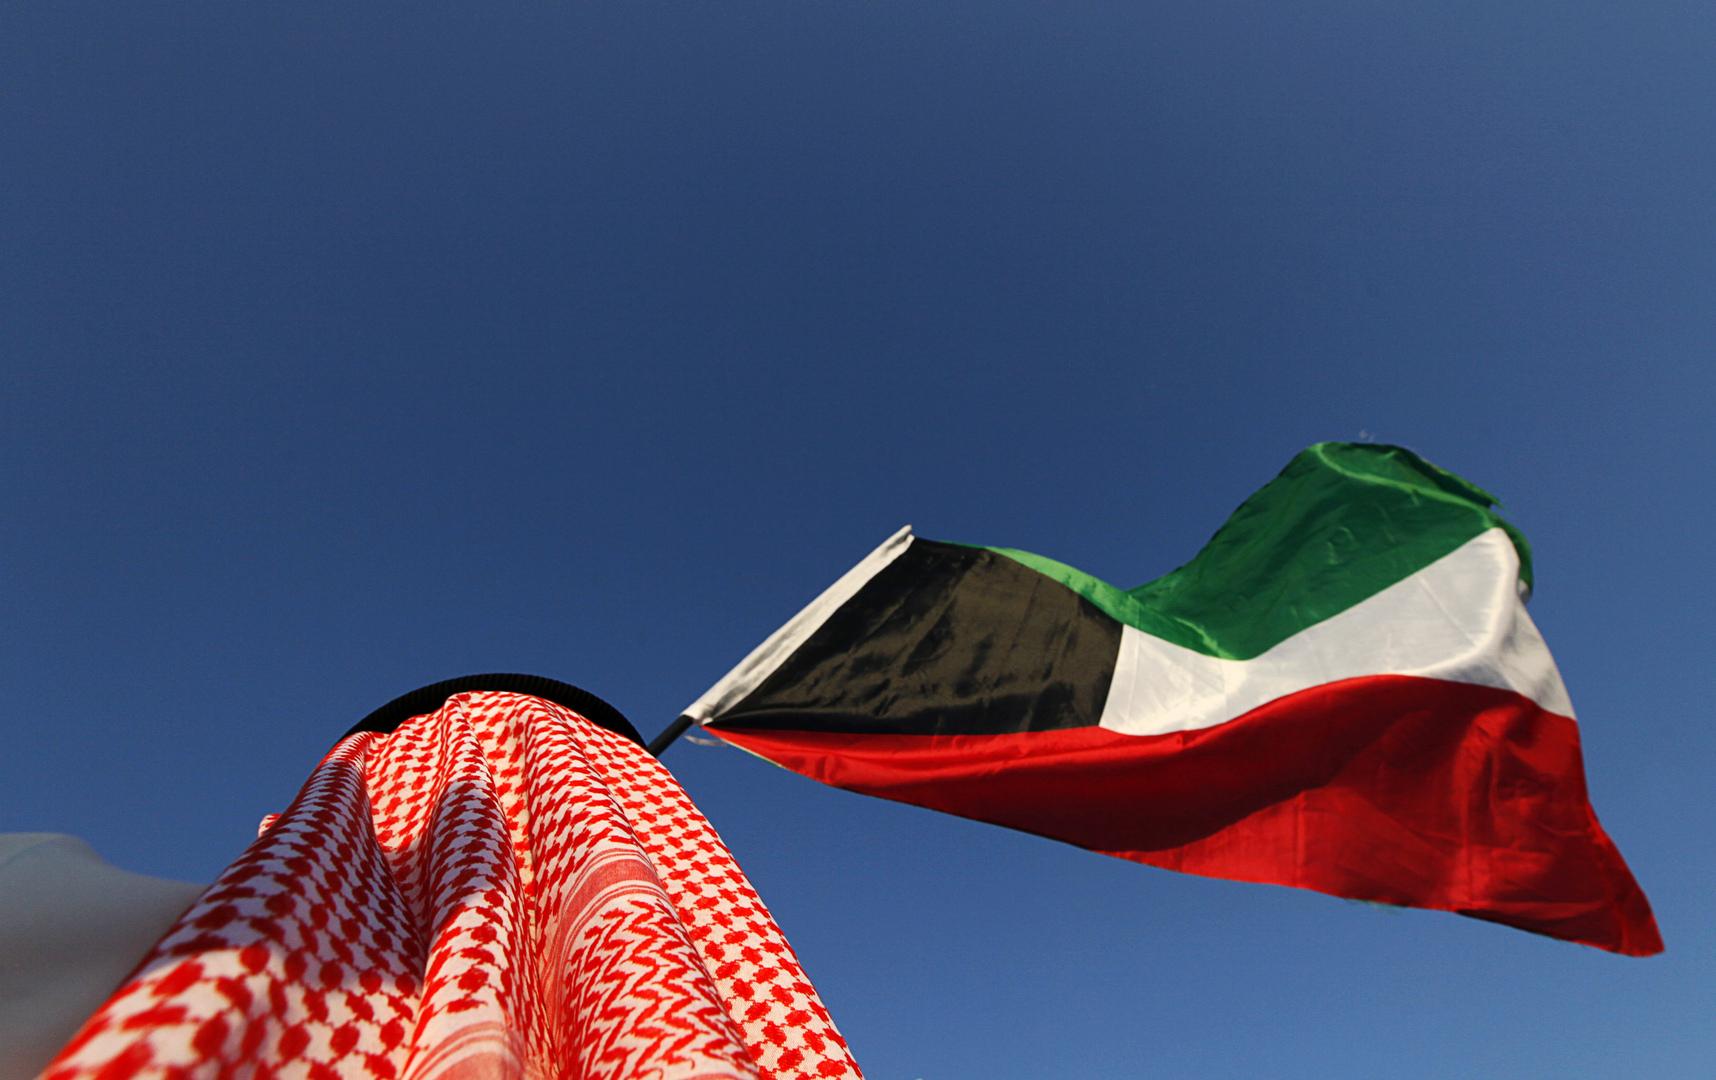 المالية الكويتية: صندوق احتياطي الأجيال يحقق نموا 33%